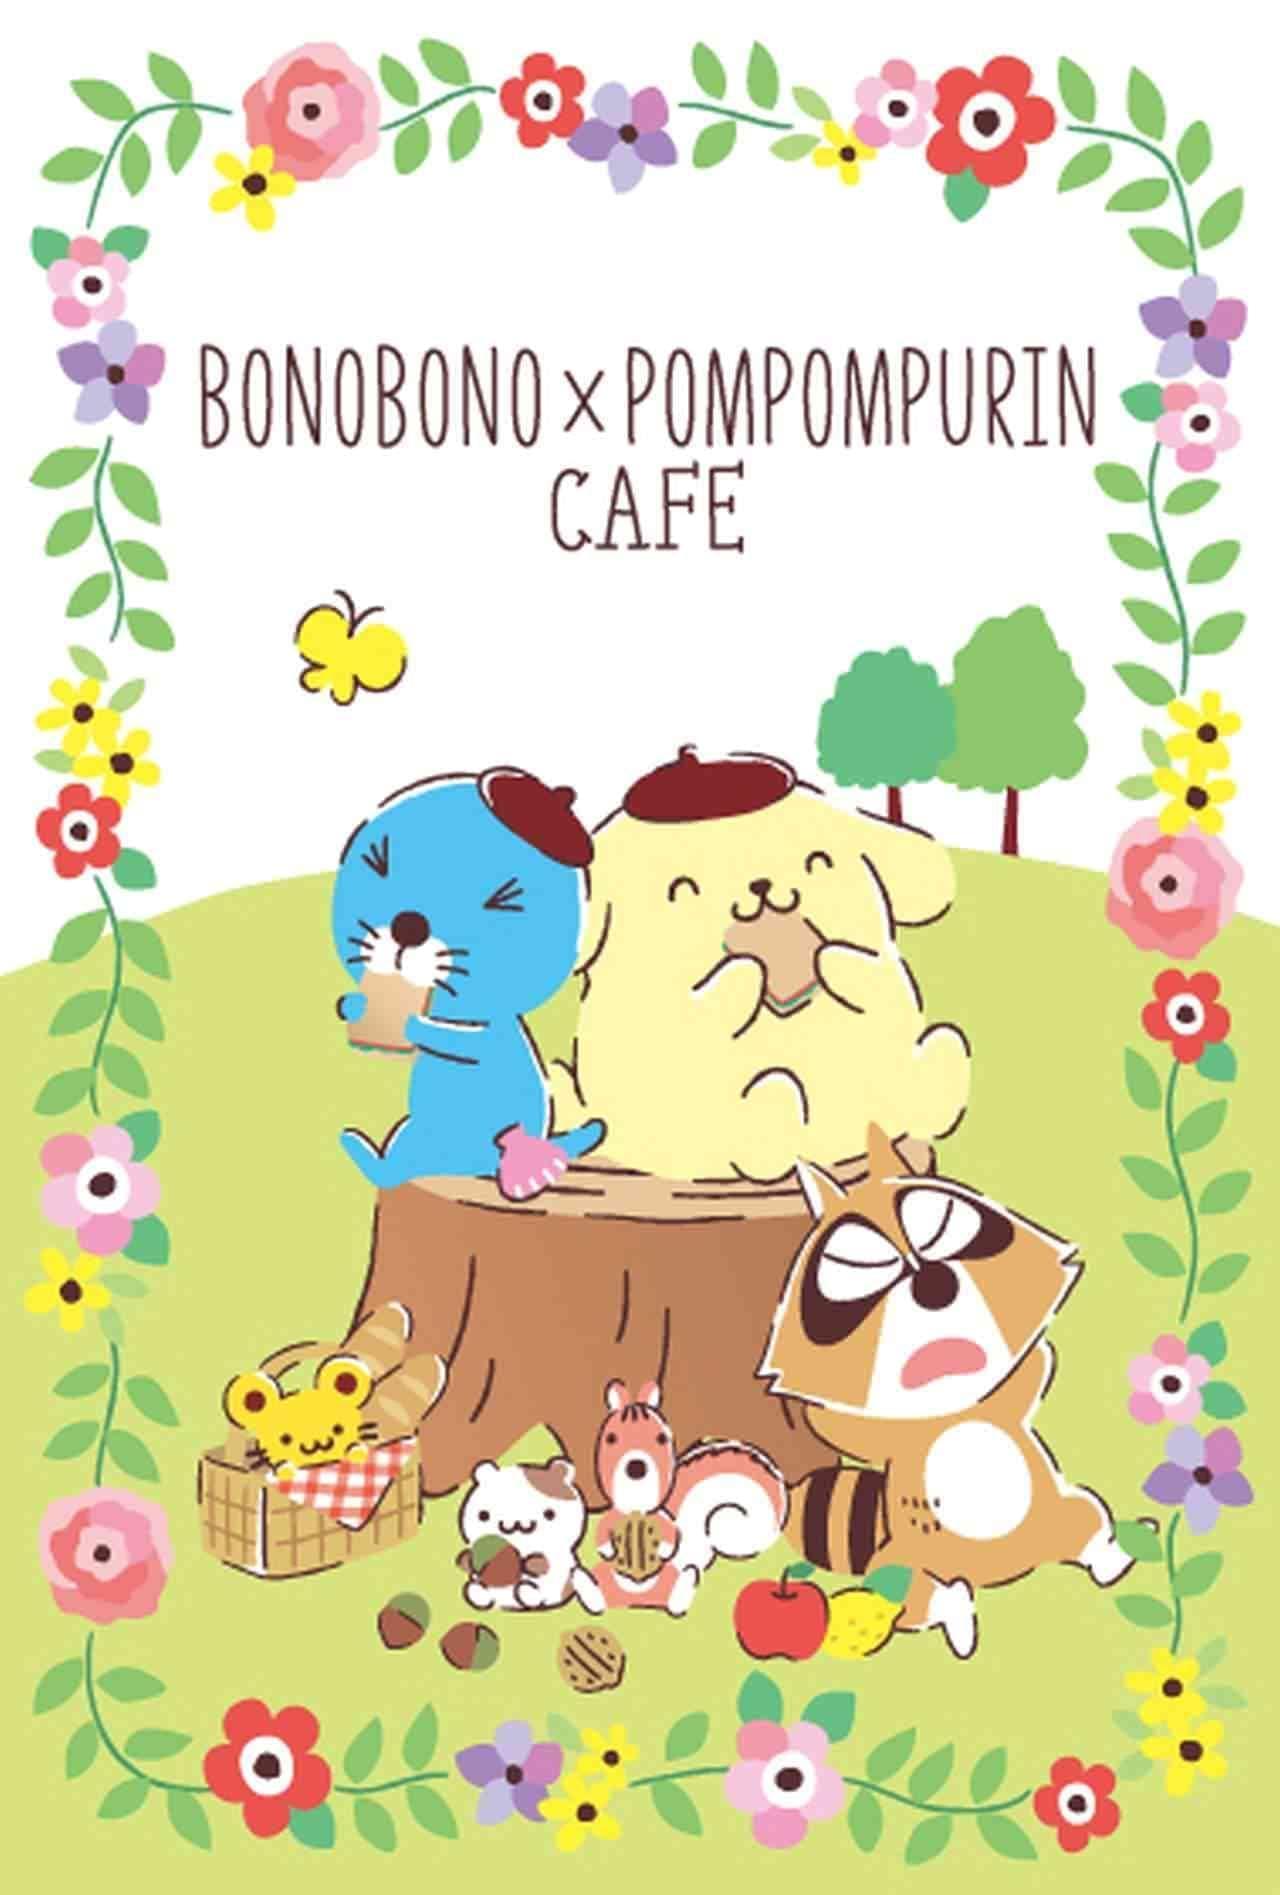 ぼのぼのとのコラボレーション「ポムポムプリンカフェ」